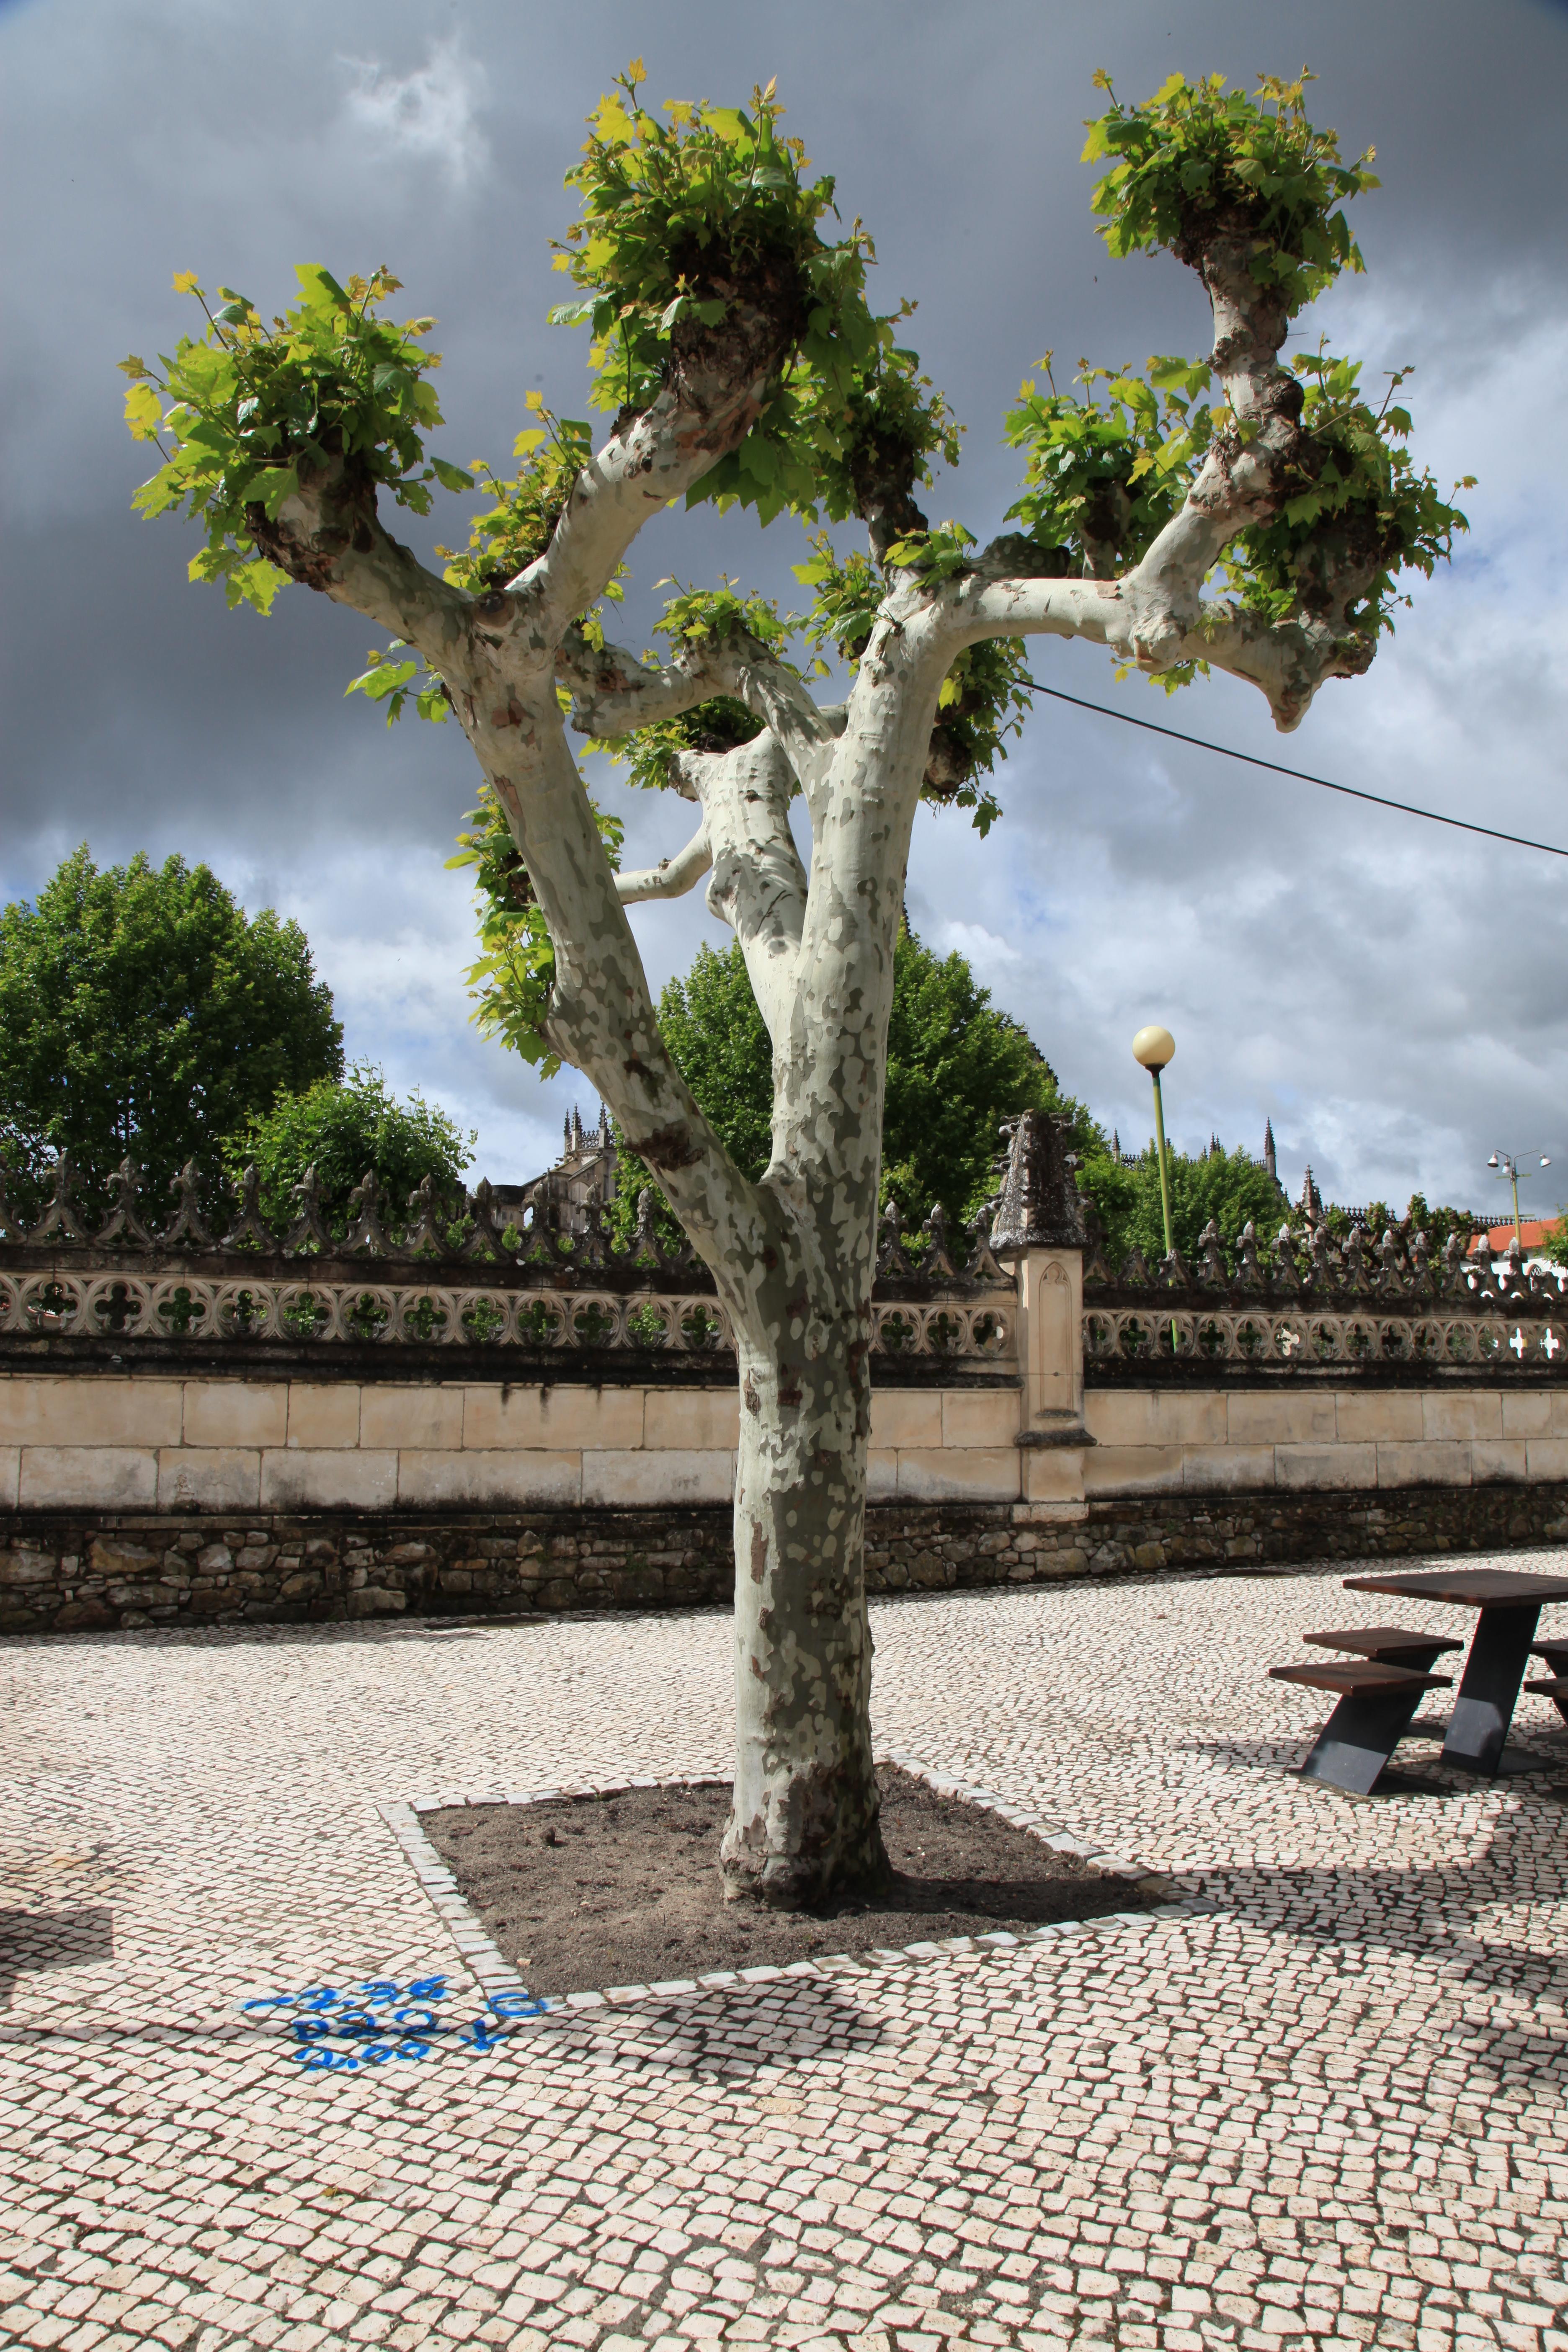 Batalha Tree